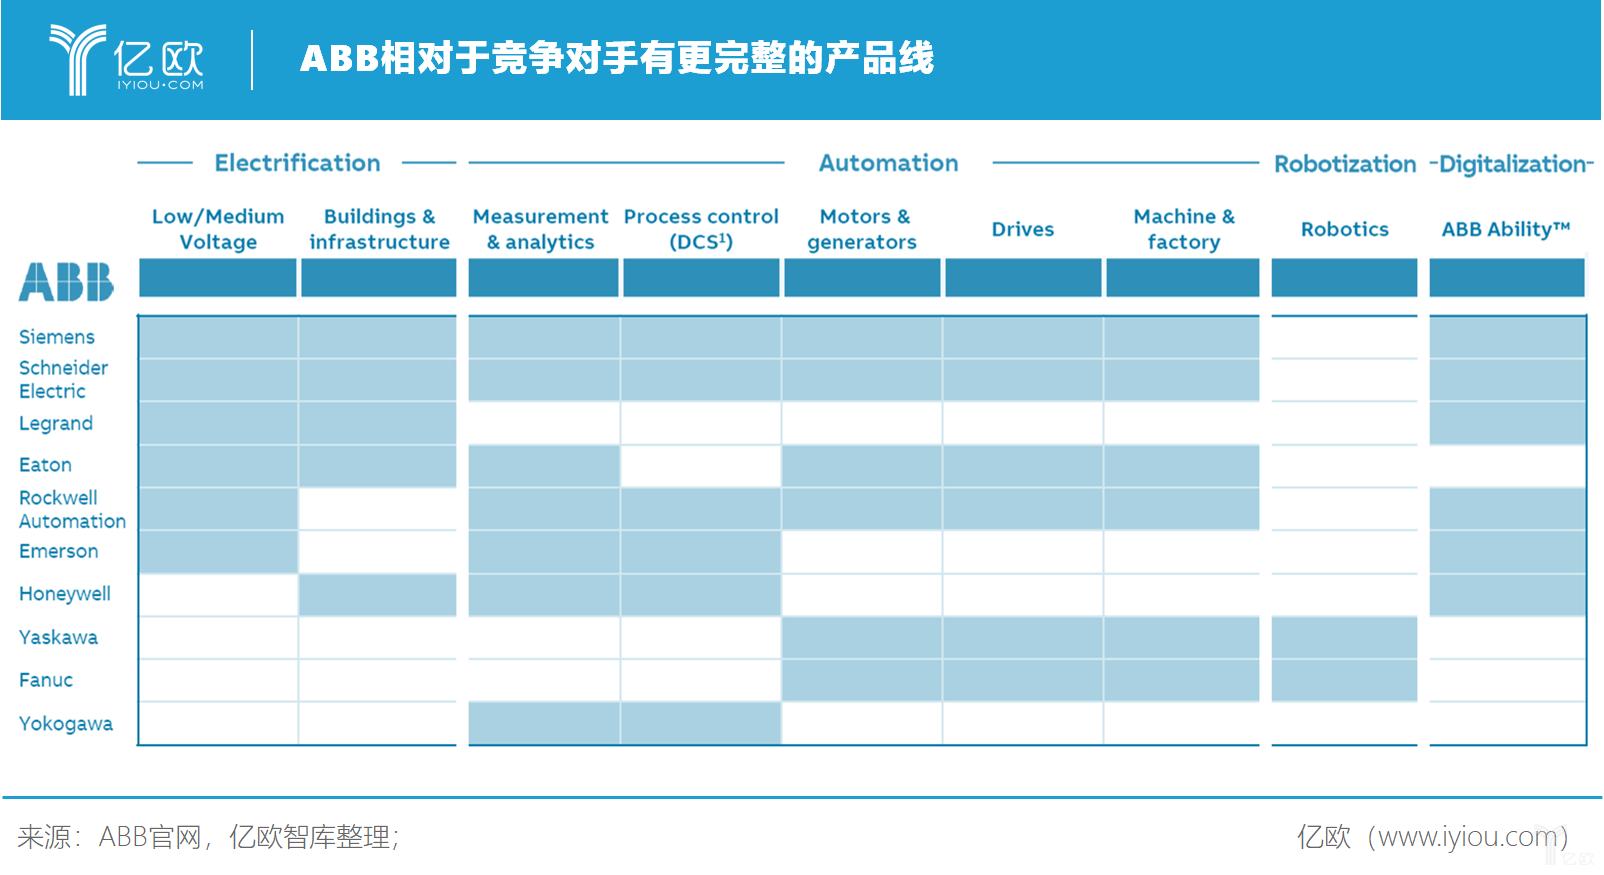 亿欧智库:ABB相对于竞争对手有更完整的产品线ABB相对于竞争对手有更完整的产品线